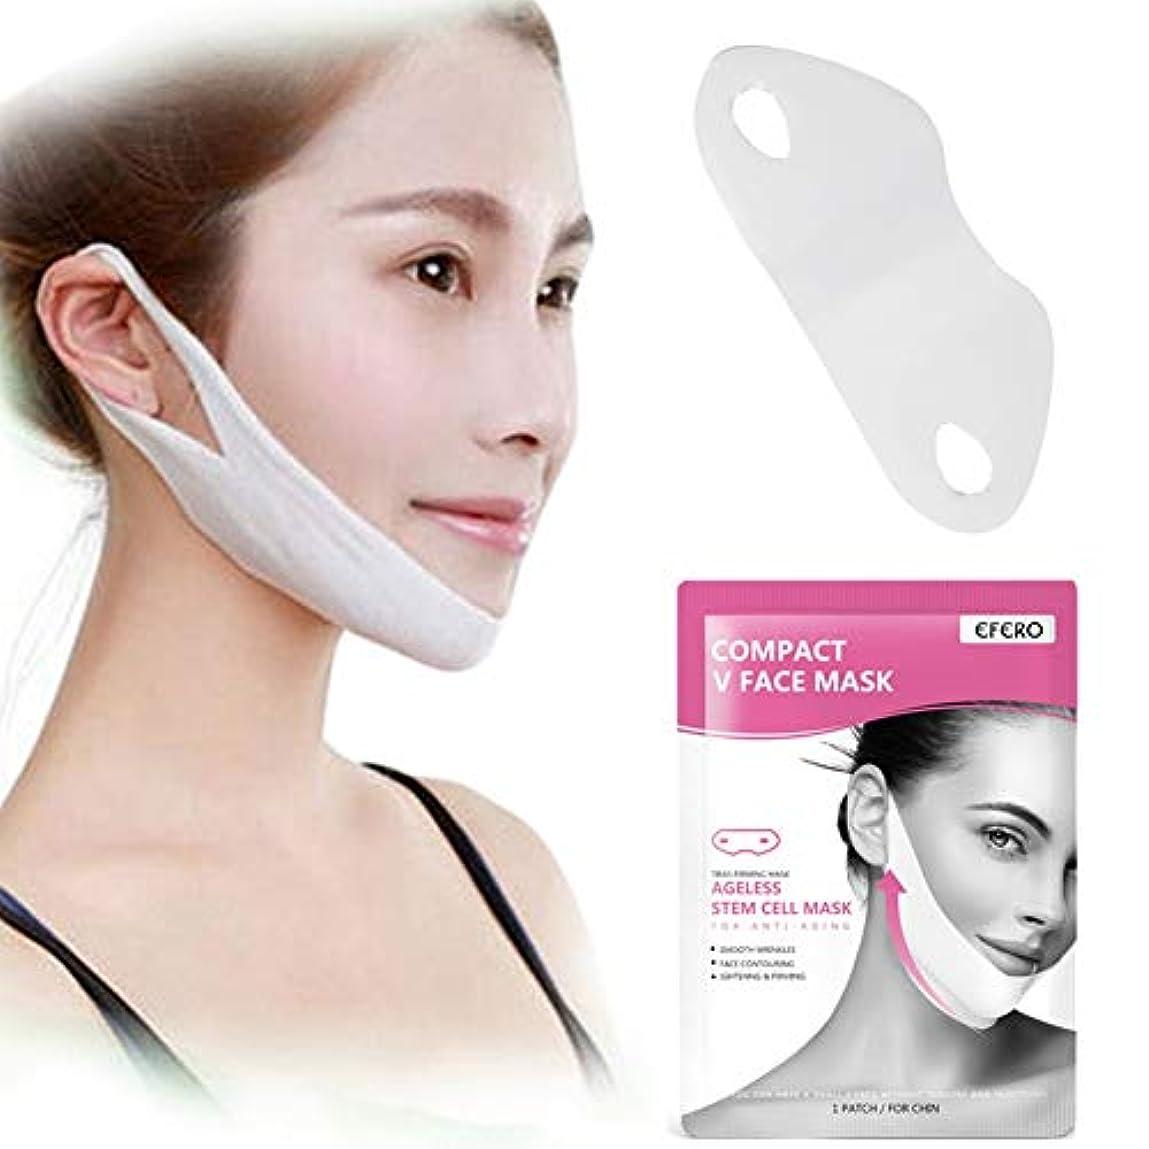 ミュートきらめく表現TerGOOSE マスク フェイスマスク リフティング リフトアップ フェイスシート 顔パック ひっぱり 睡眠マスク 浮腫解消 小顔効果 顎ライン Vリフティング(H02)